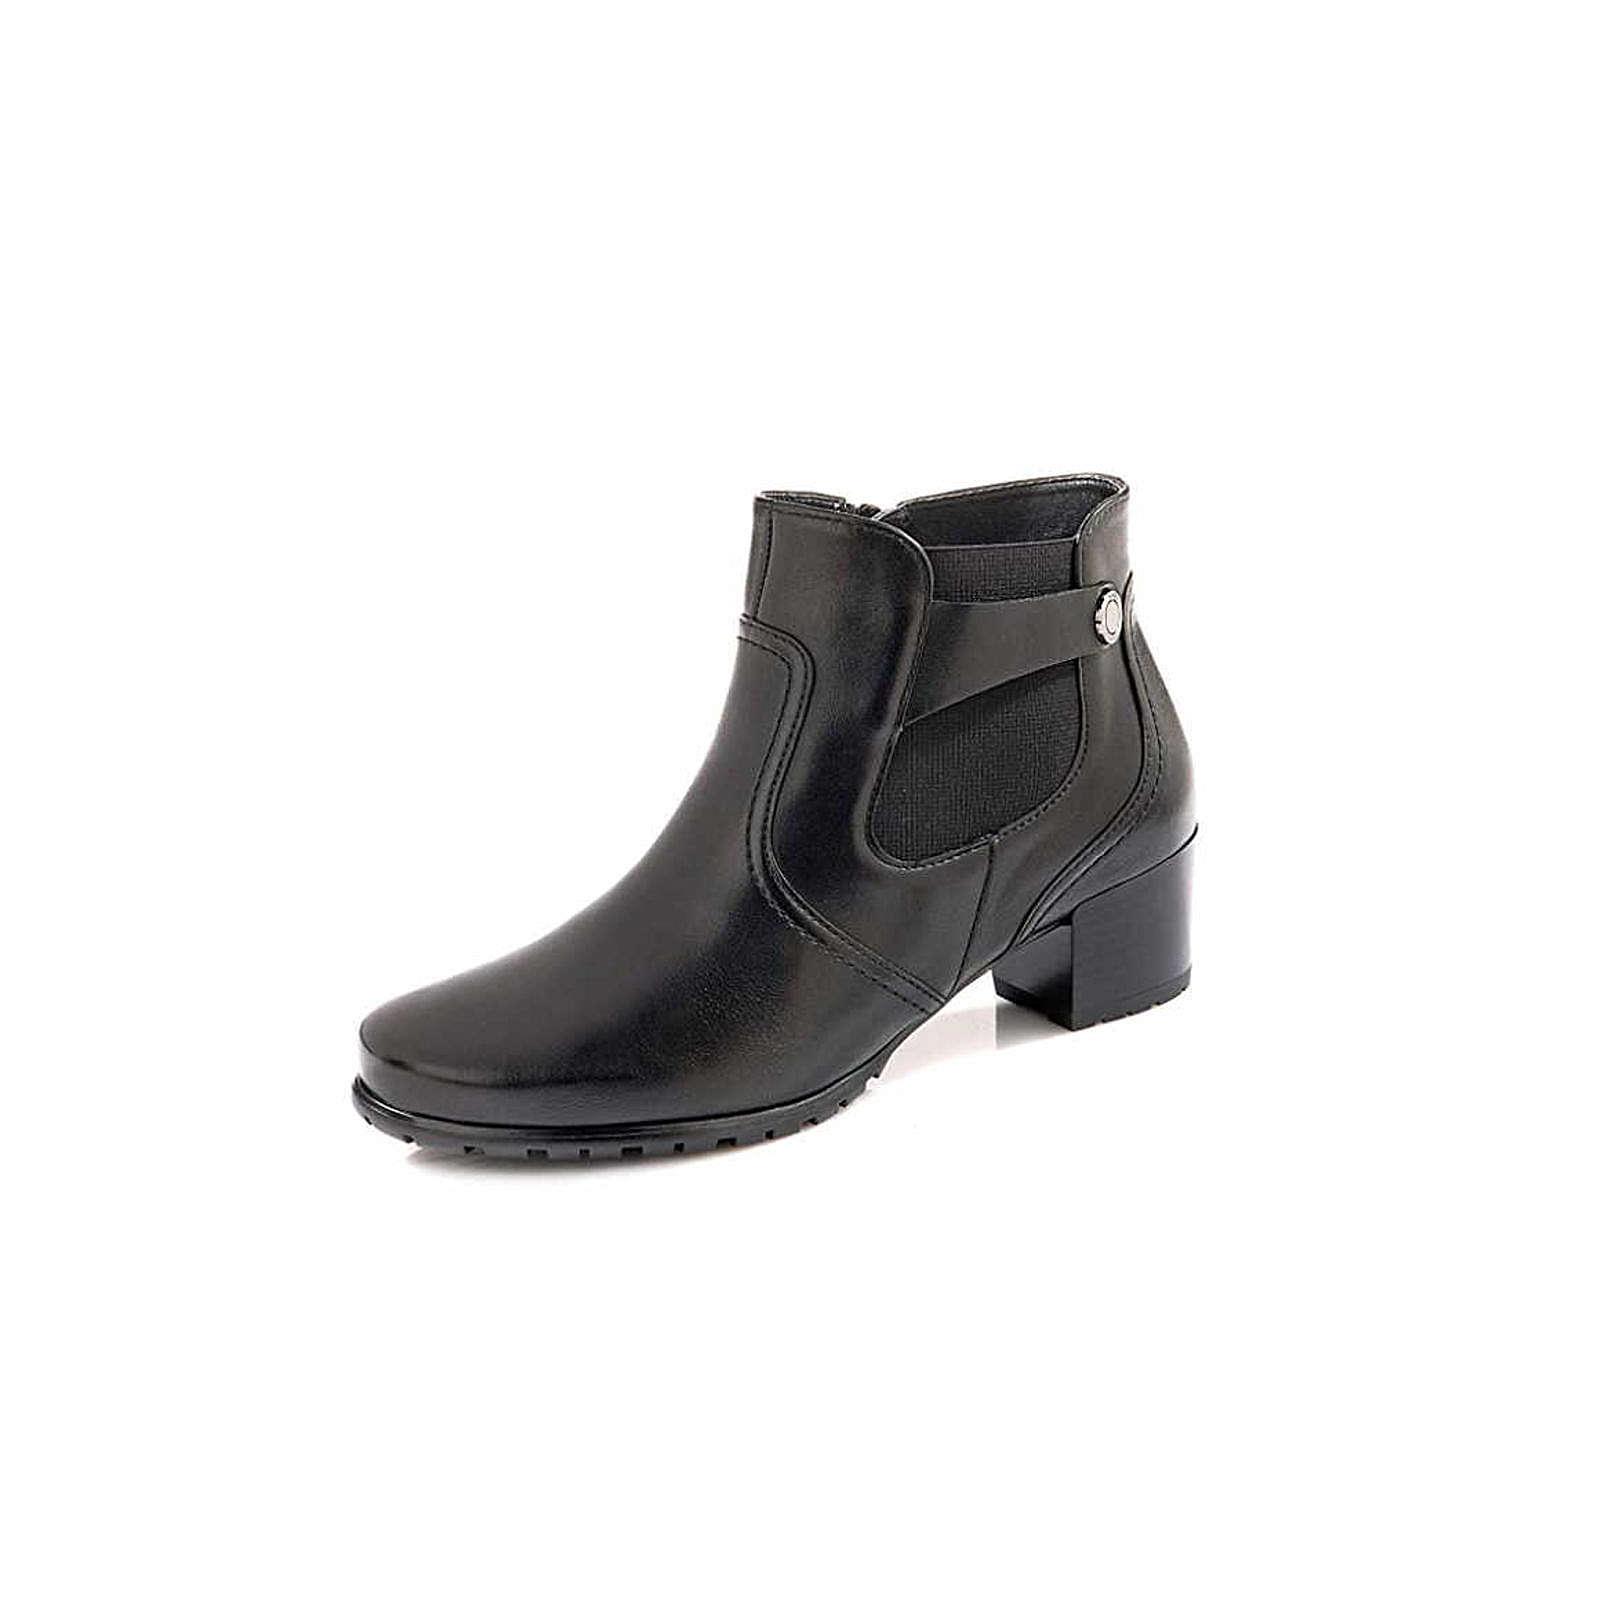 ara Stiefel schwarz Klassische Stiefeletten schwarz Damen Gr. 36